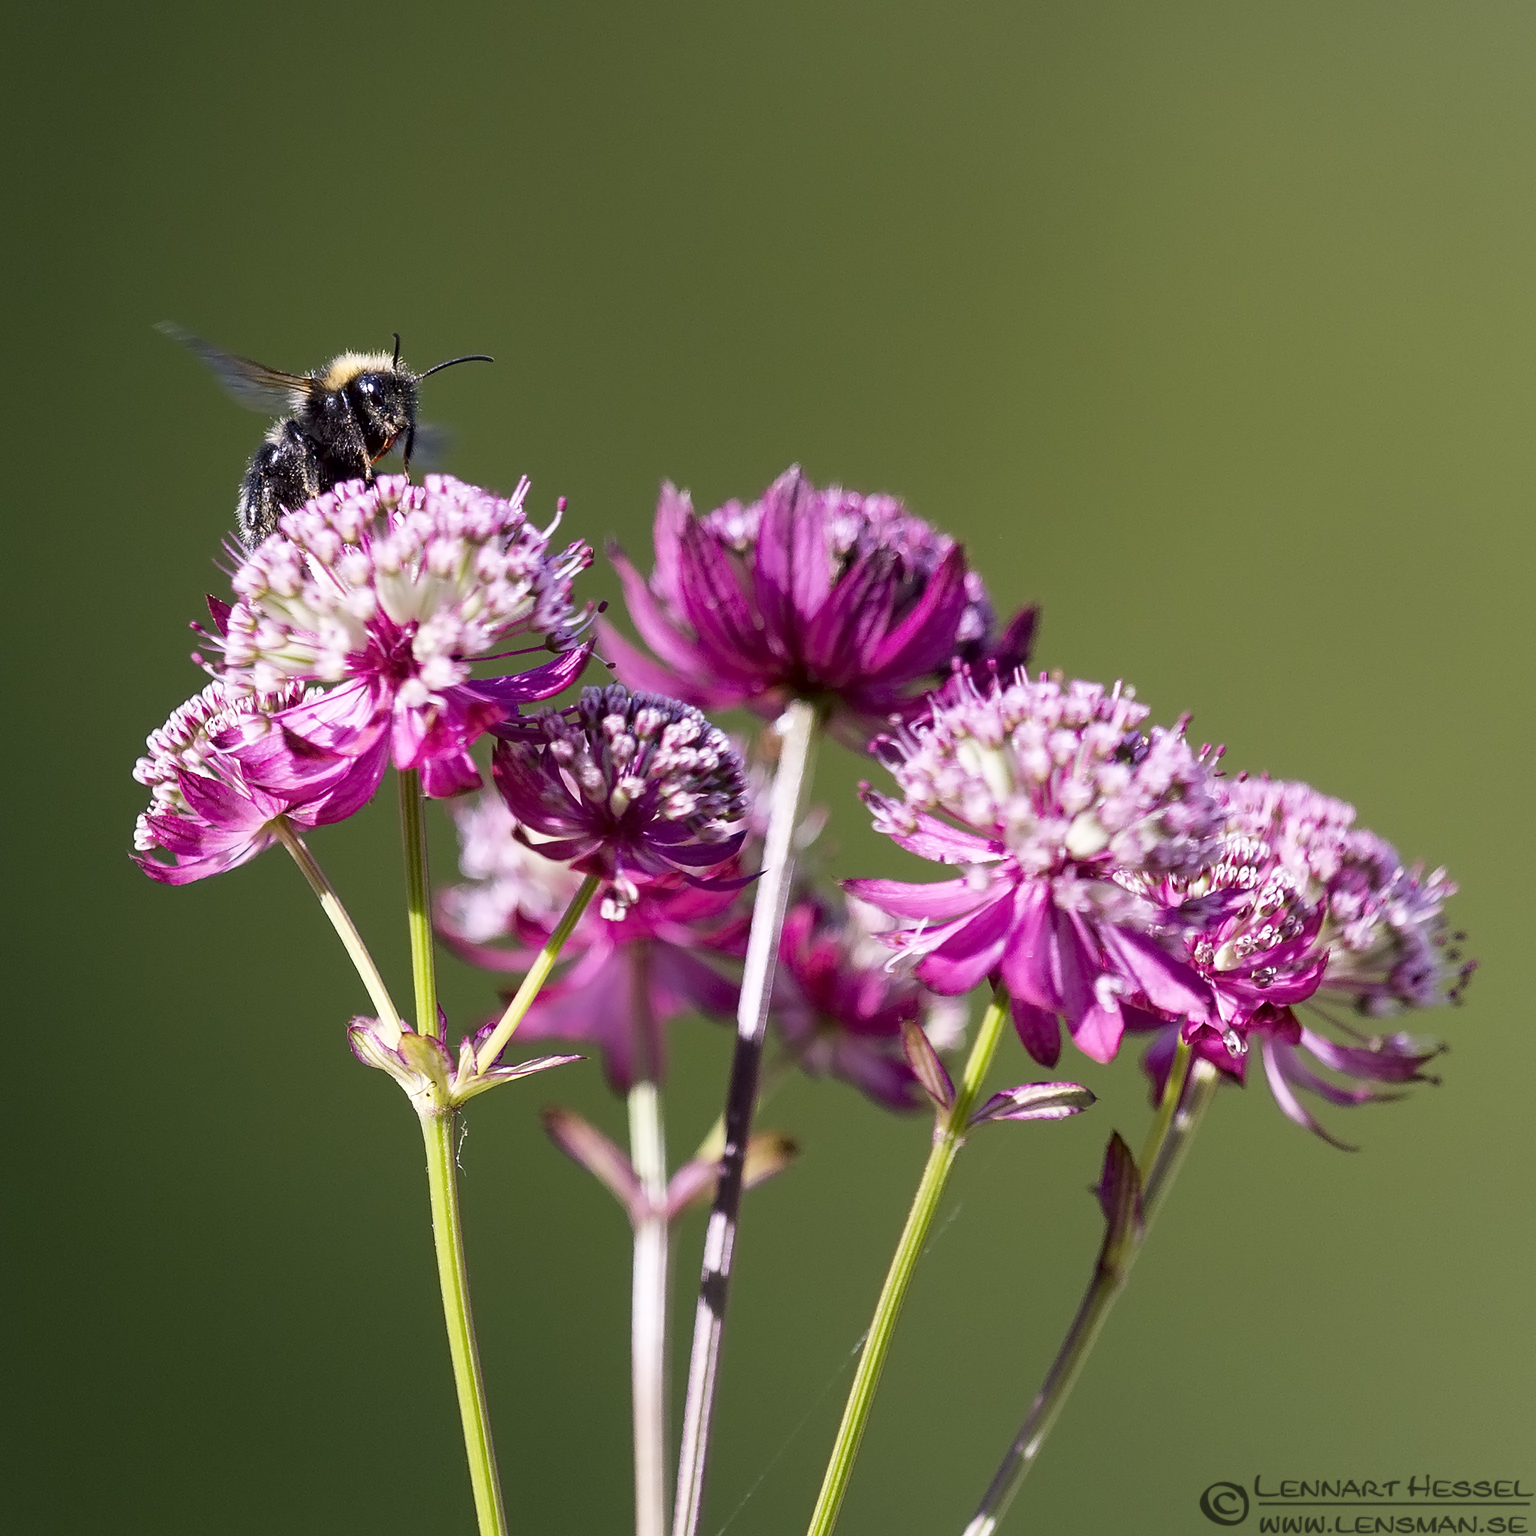 Bumblebee grebe